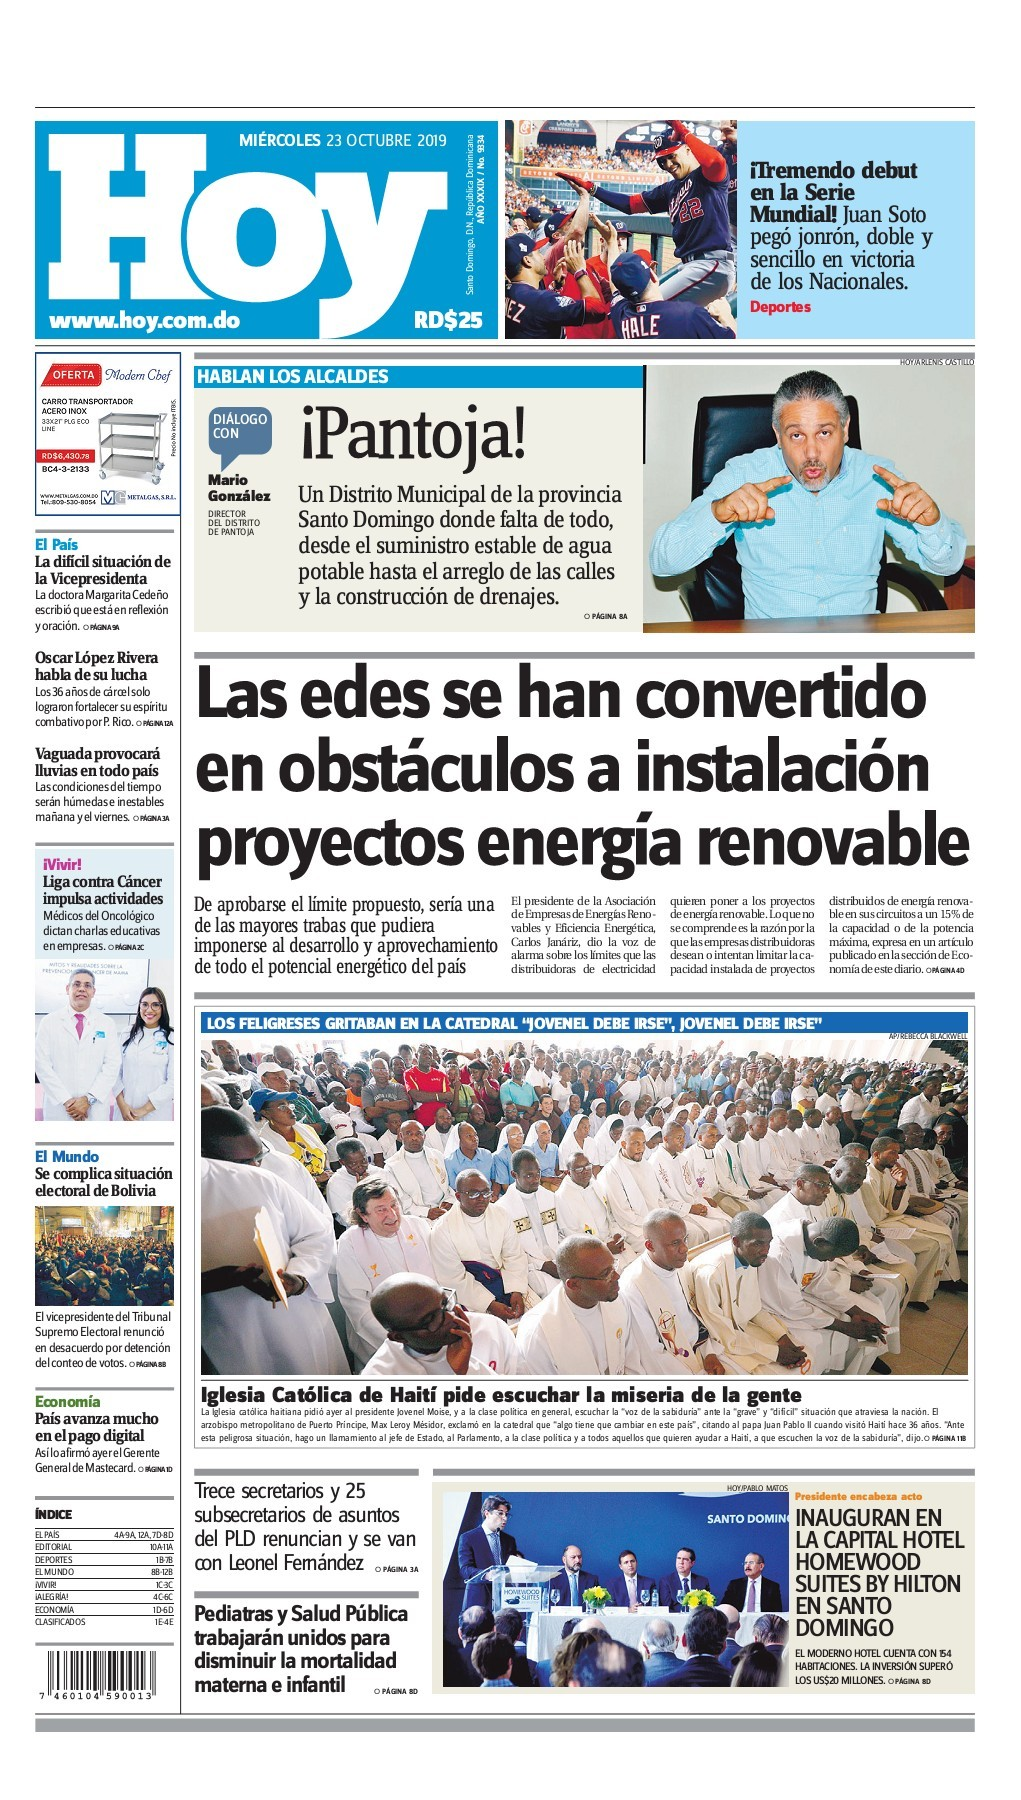 Portada Periódico Hoy, Miércoles 23 de Octubre, 2019